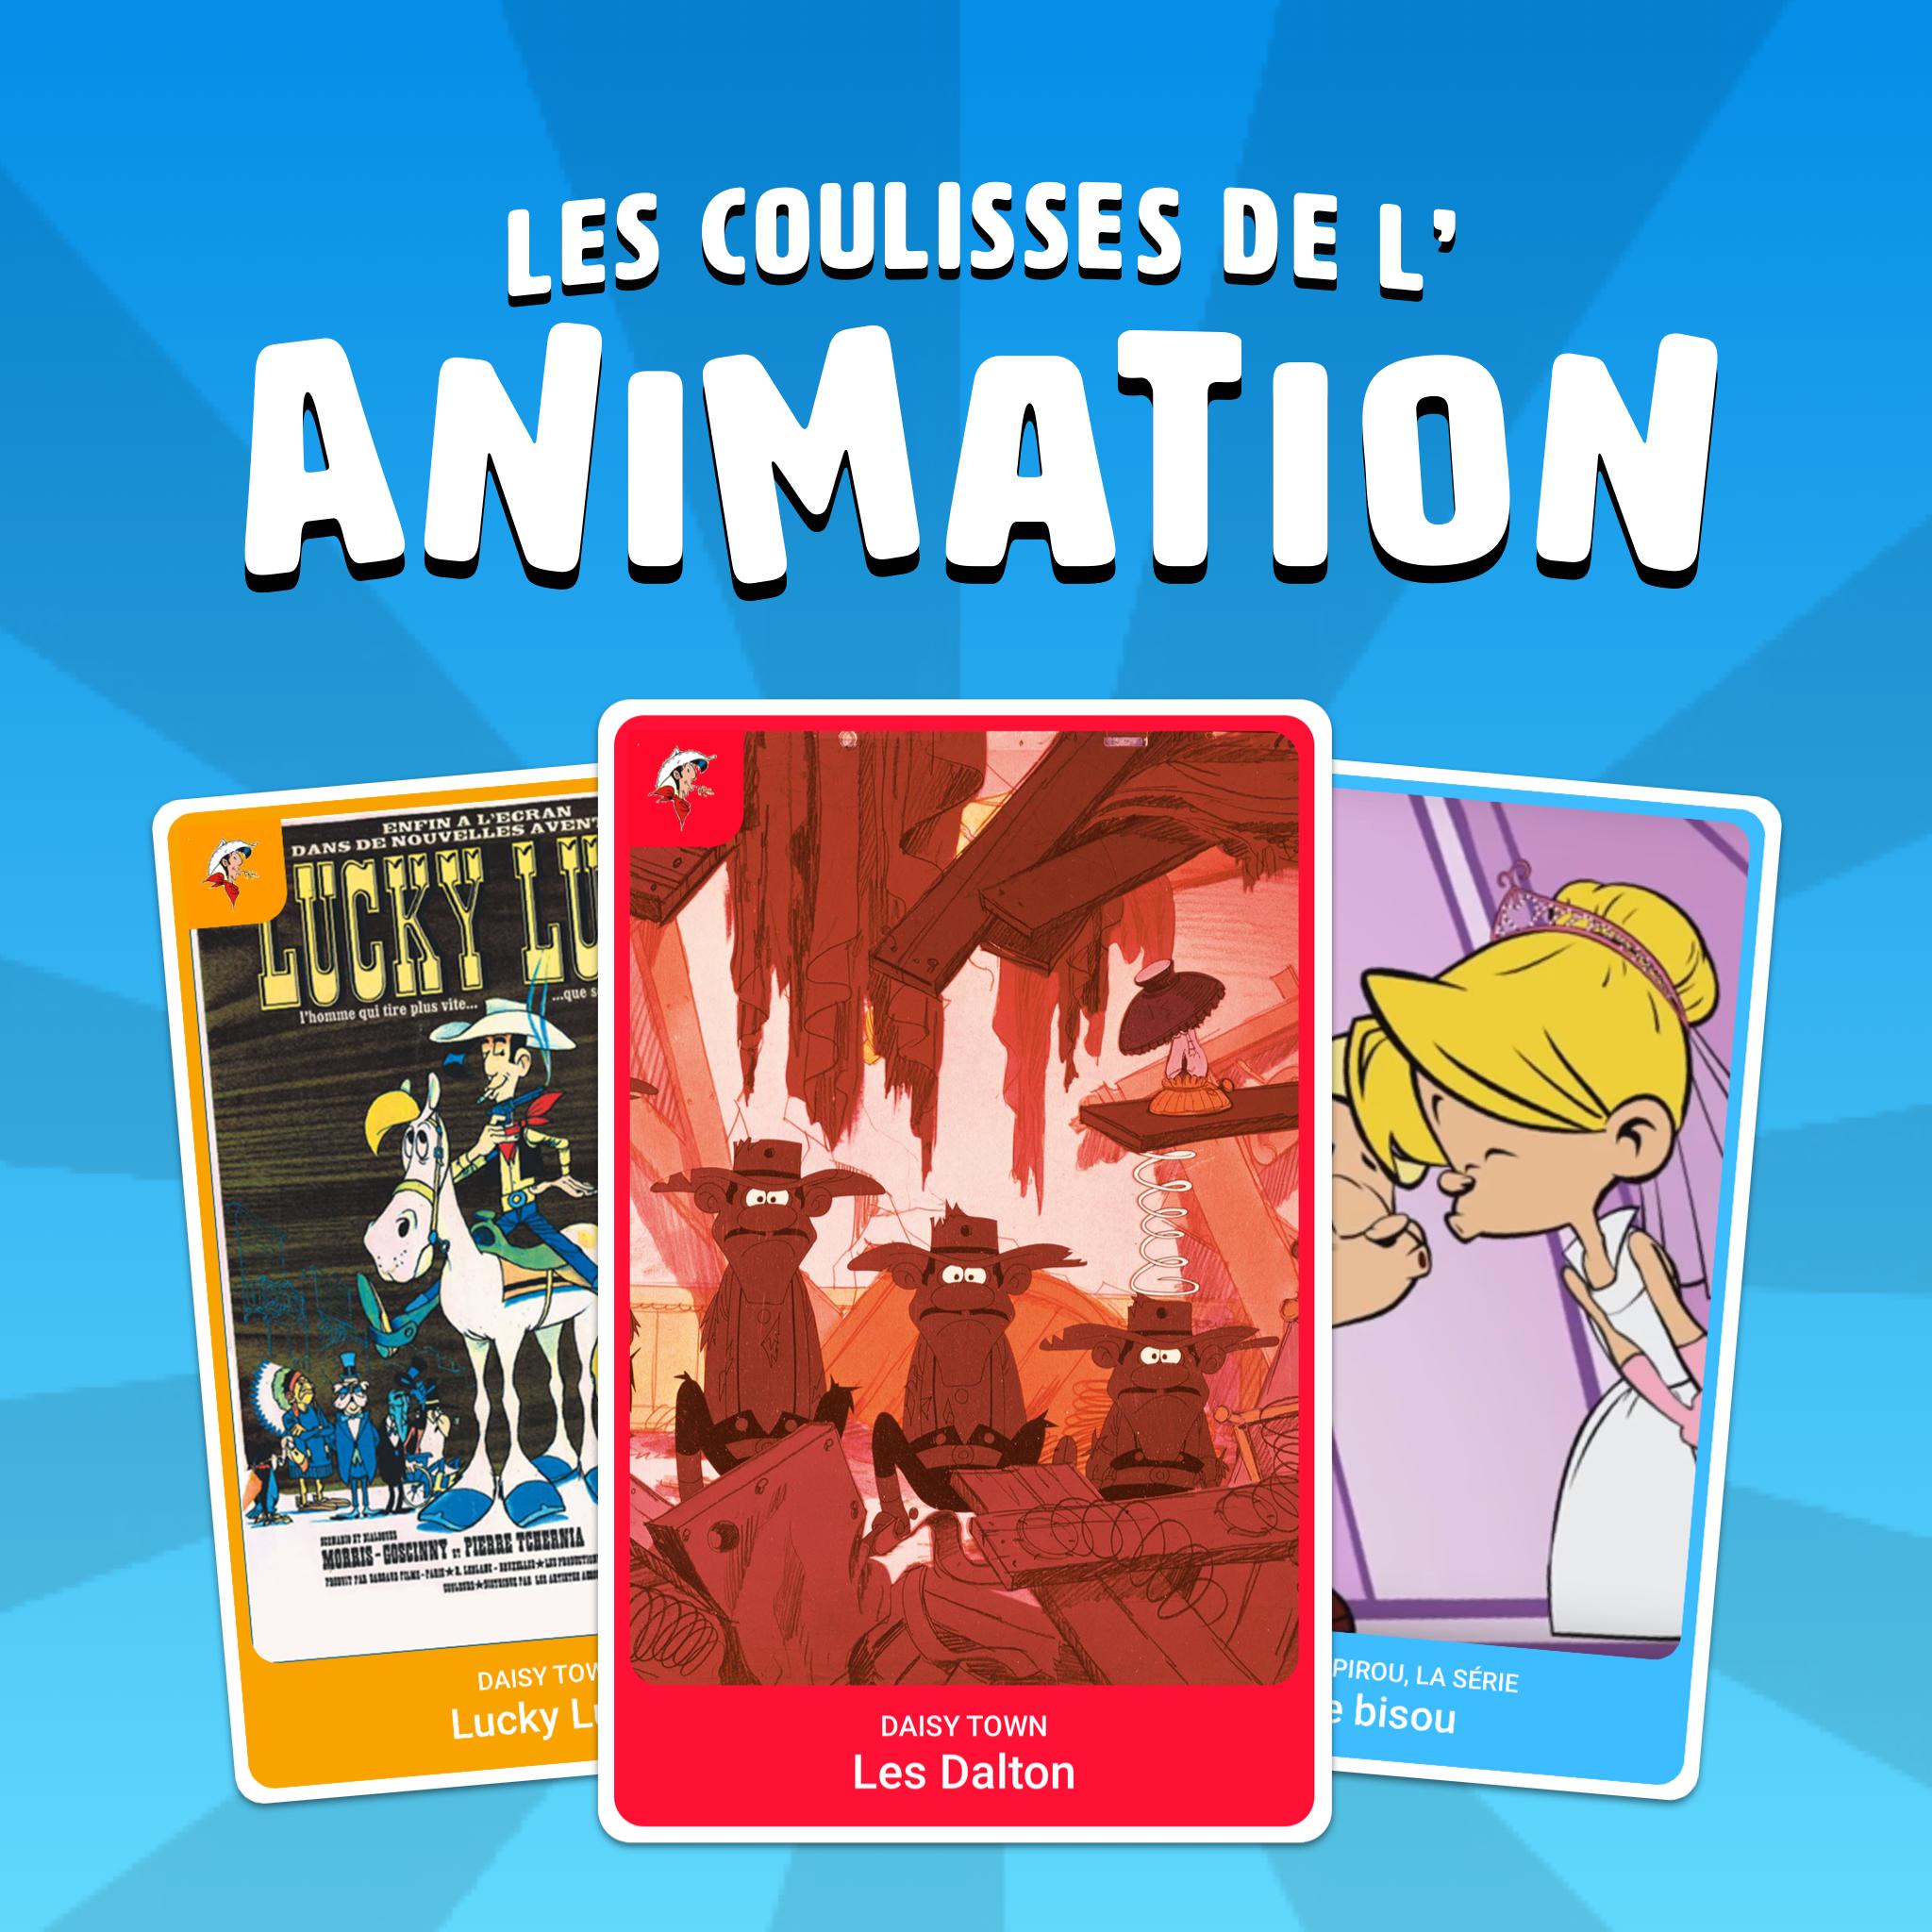 Les Coulisses de l'Animation